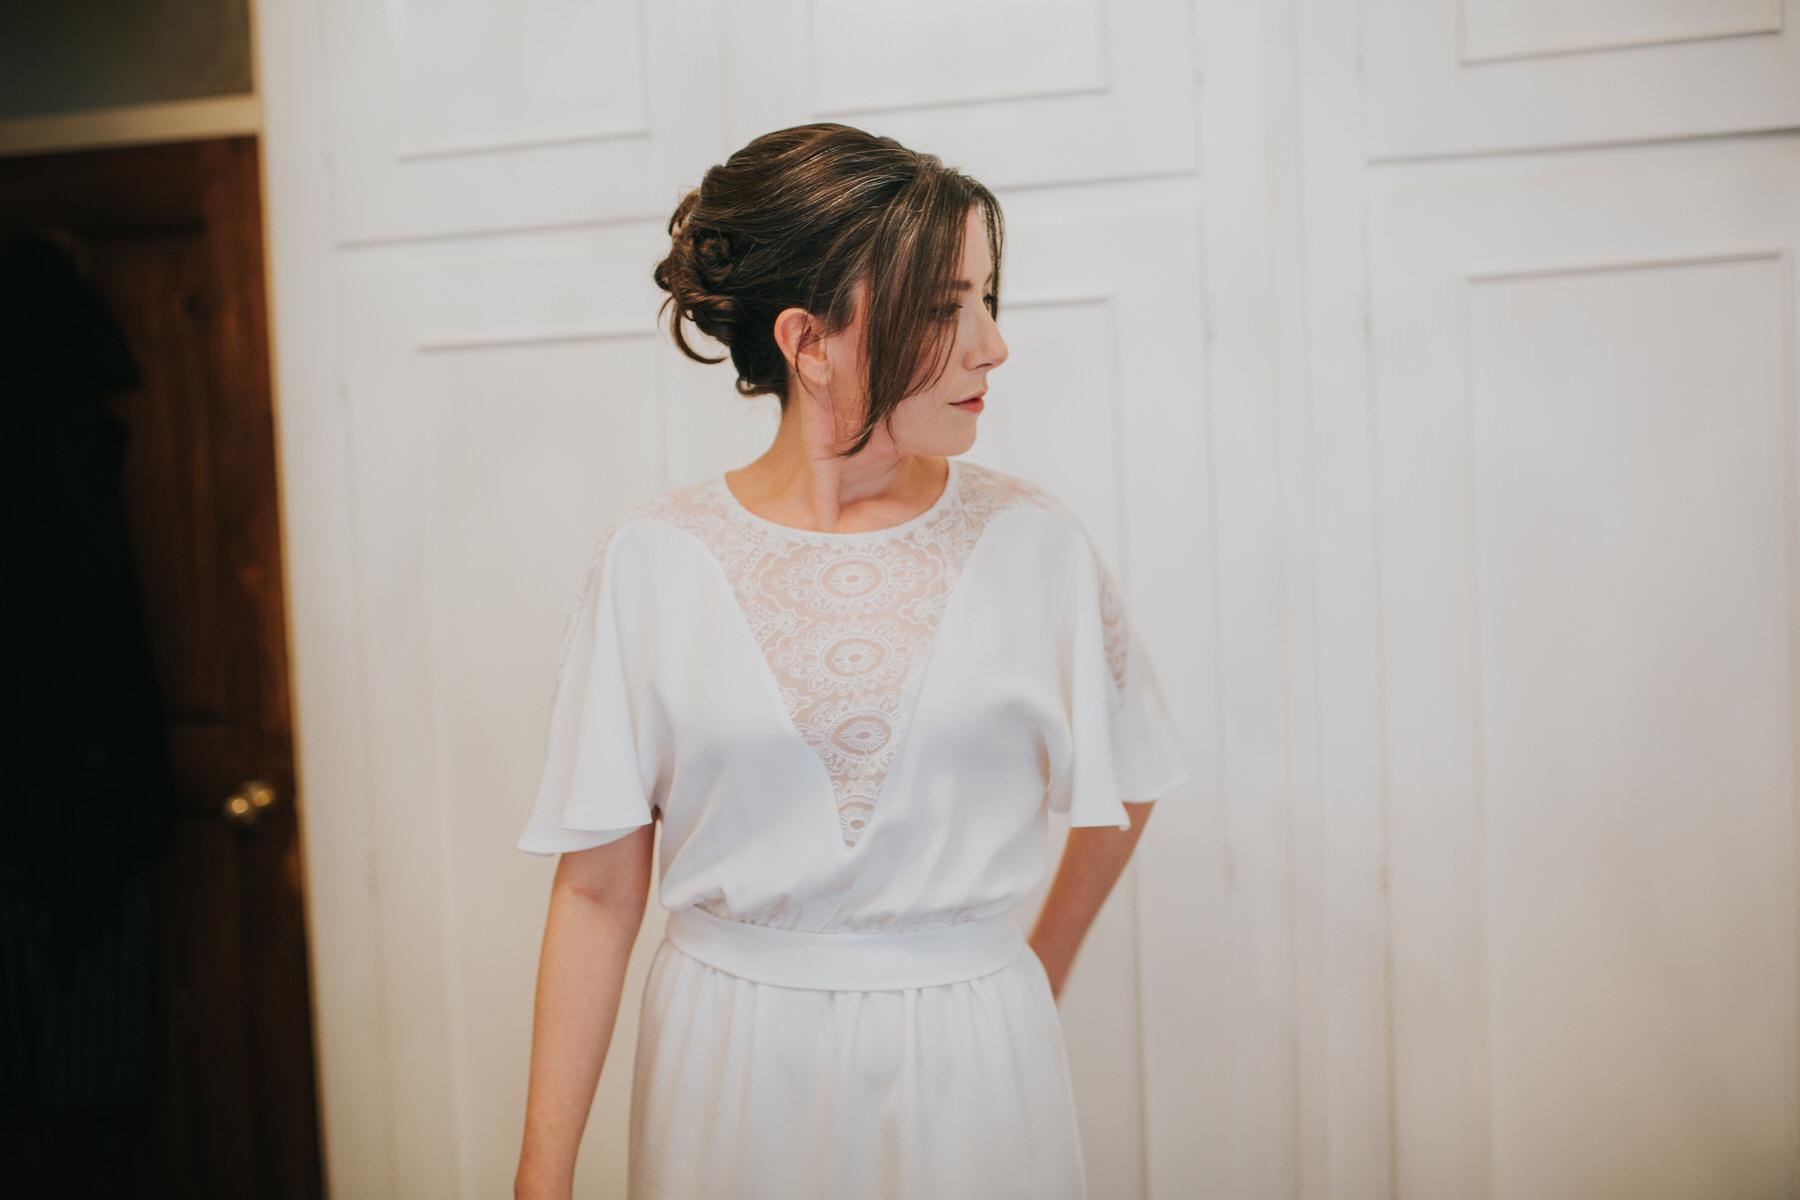 30-bride getting ready Minna wedding dress.jpg